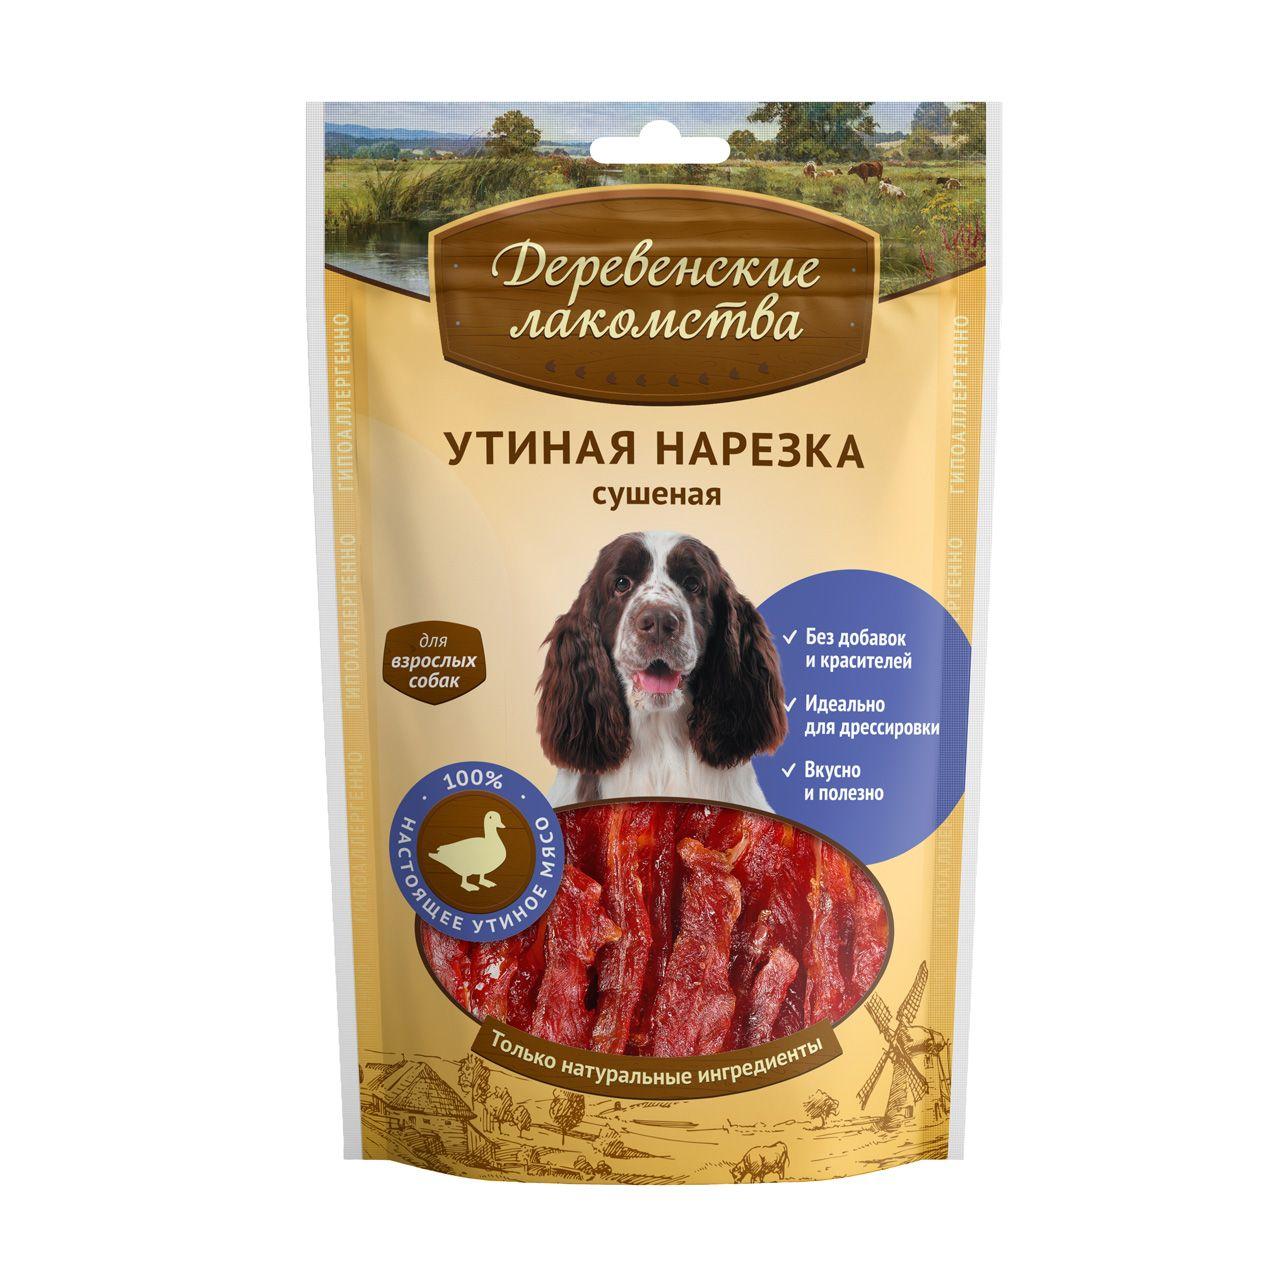 Утиная нарезка Деревенские лакомства сушеная для собак